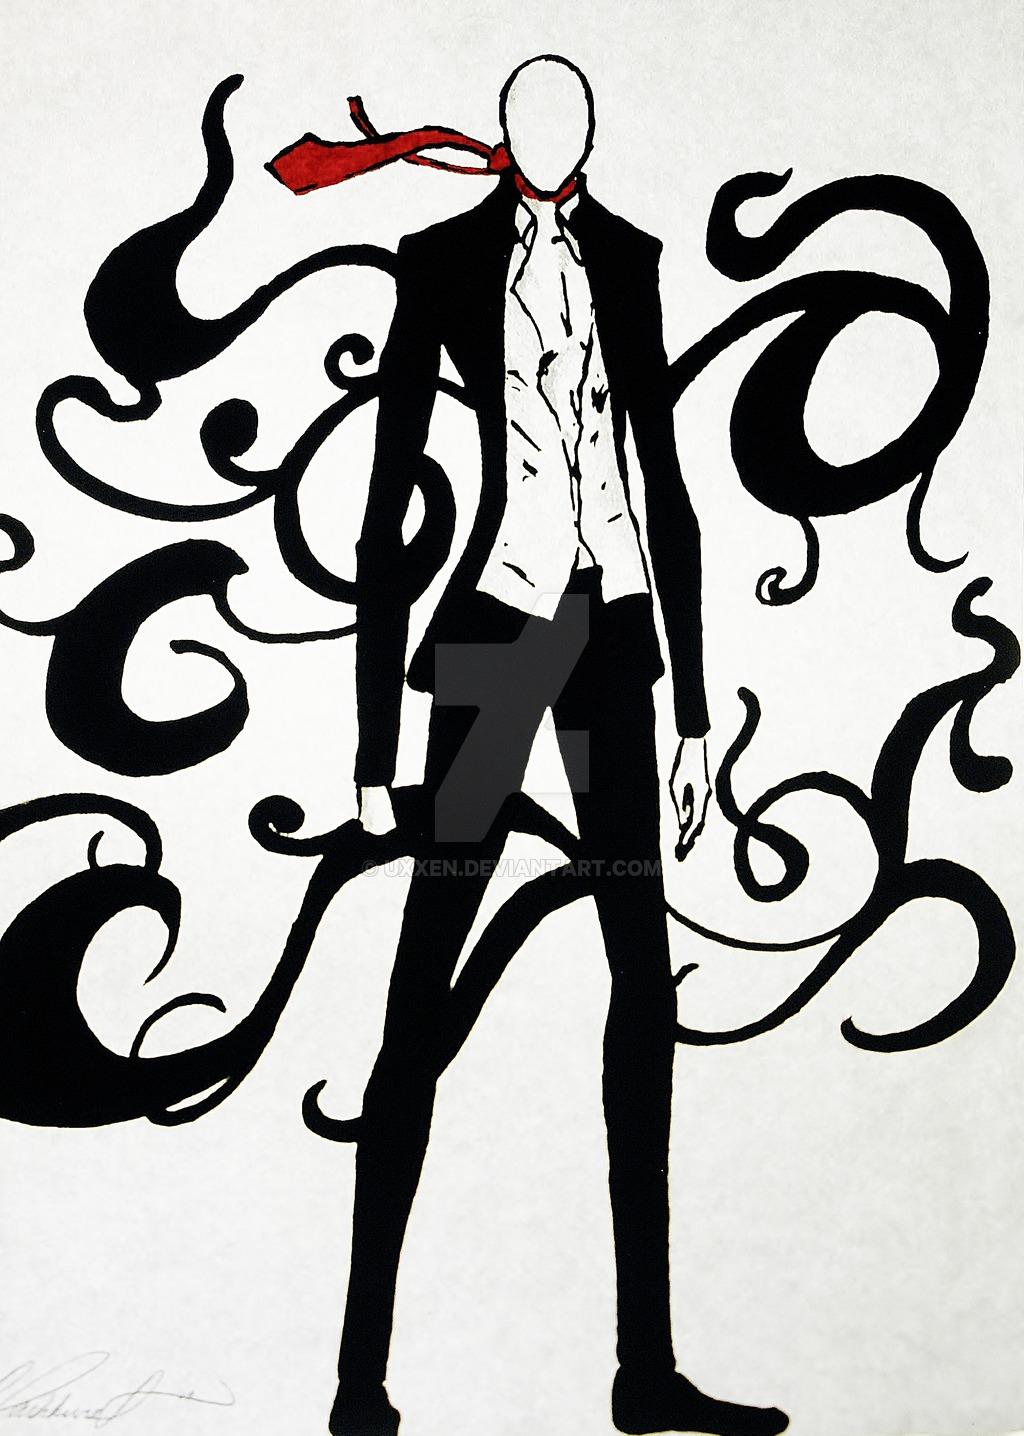 Drawn slender man anime Uxxen Man Man Slender Man